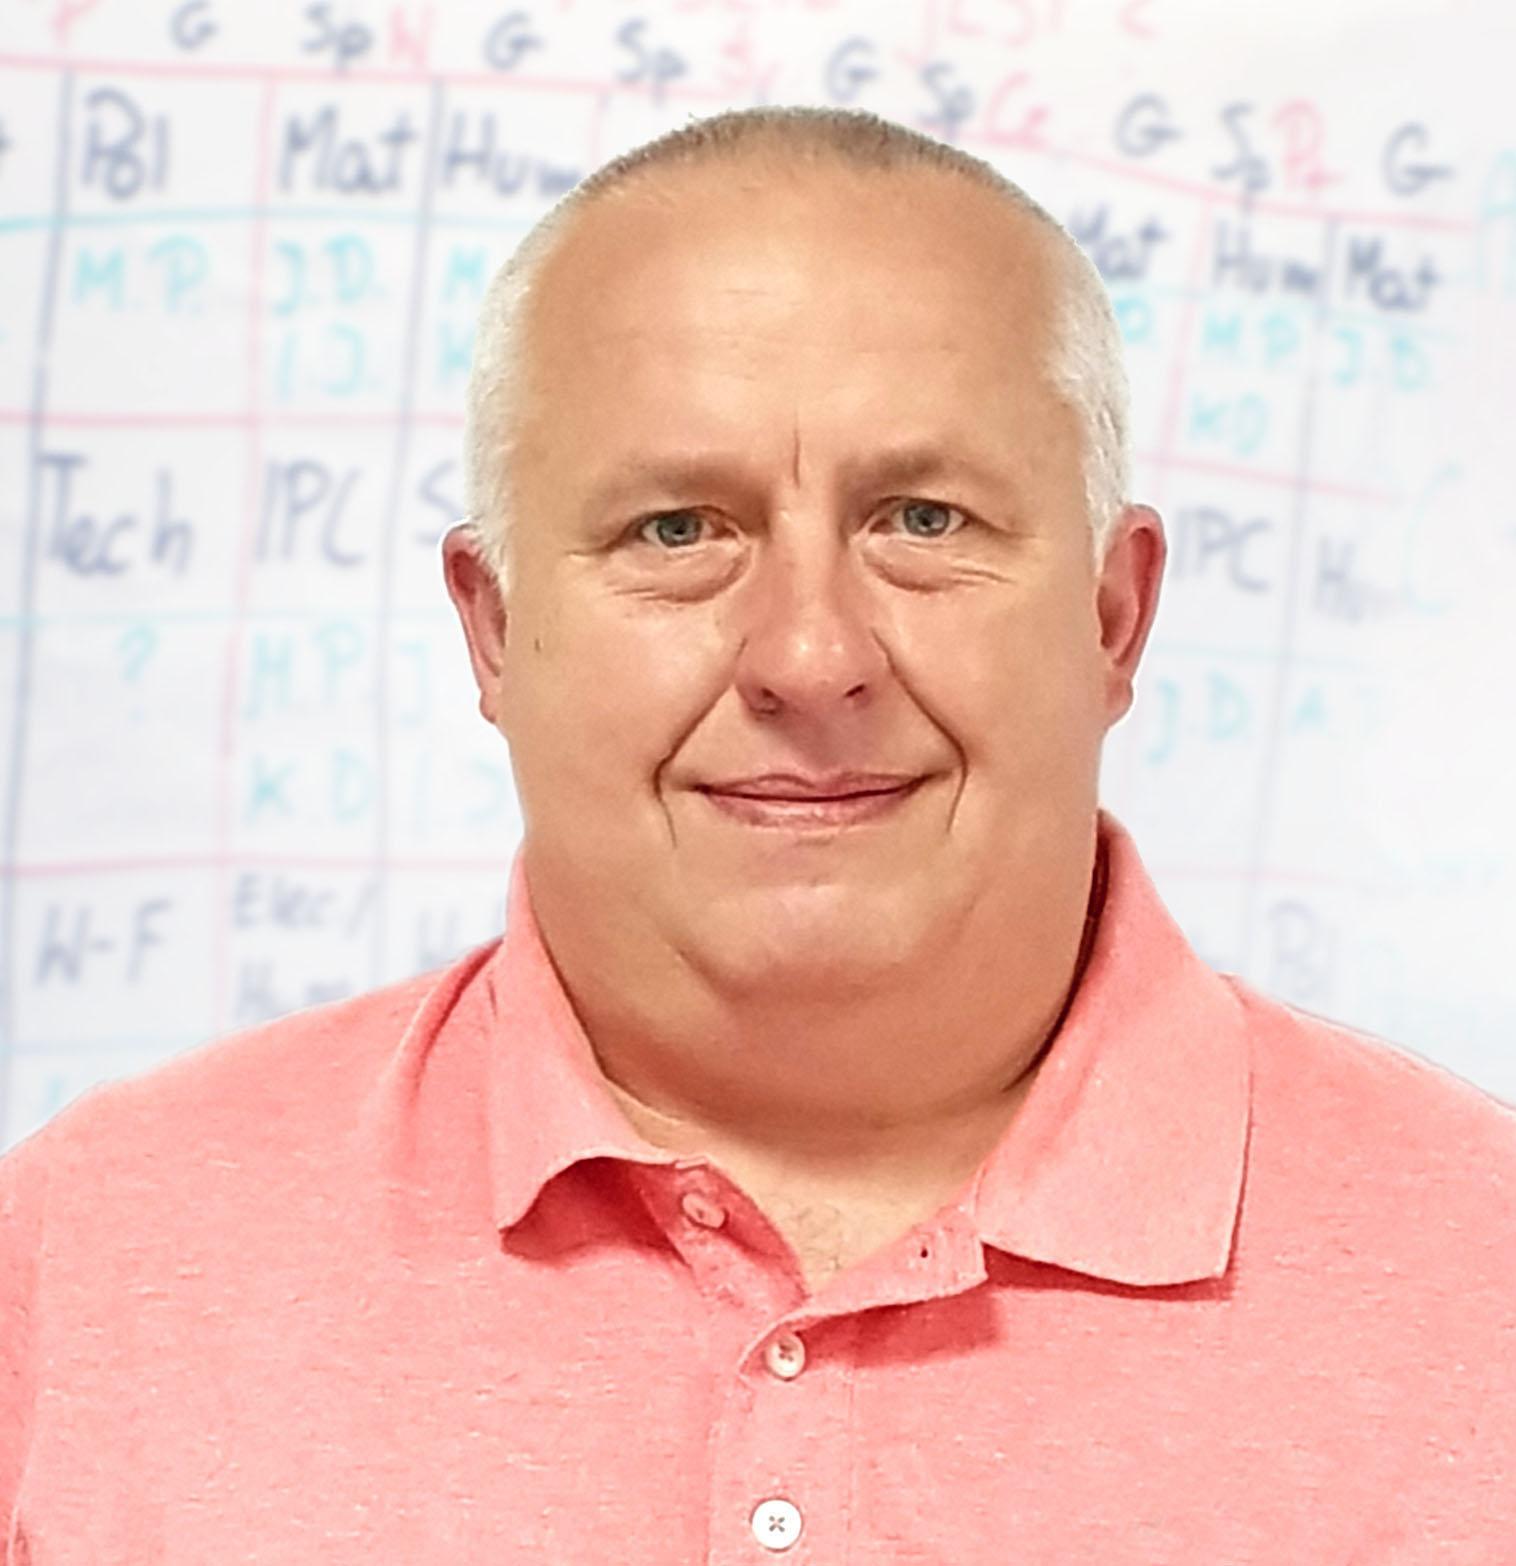 Krzysztof Kubiak